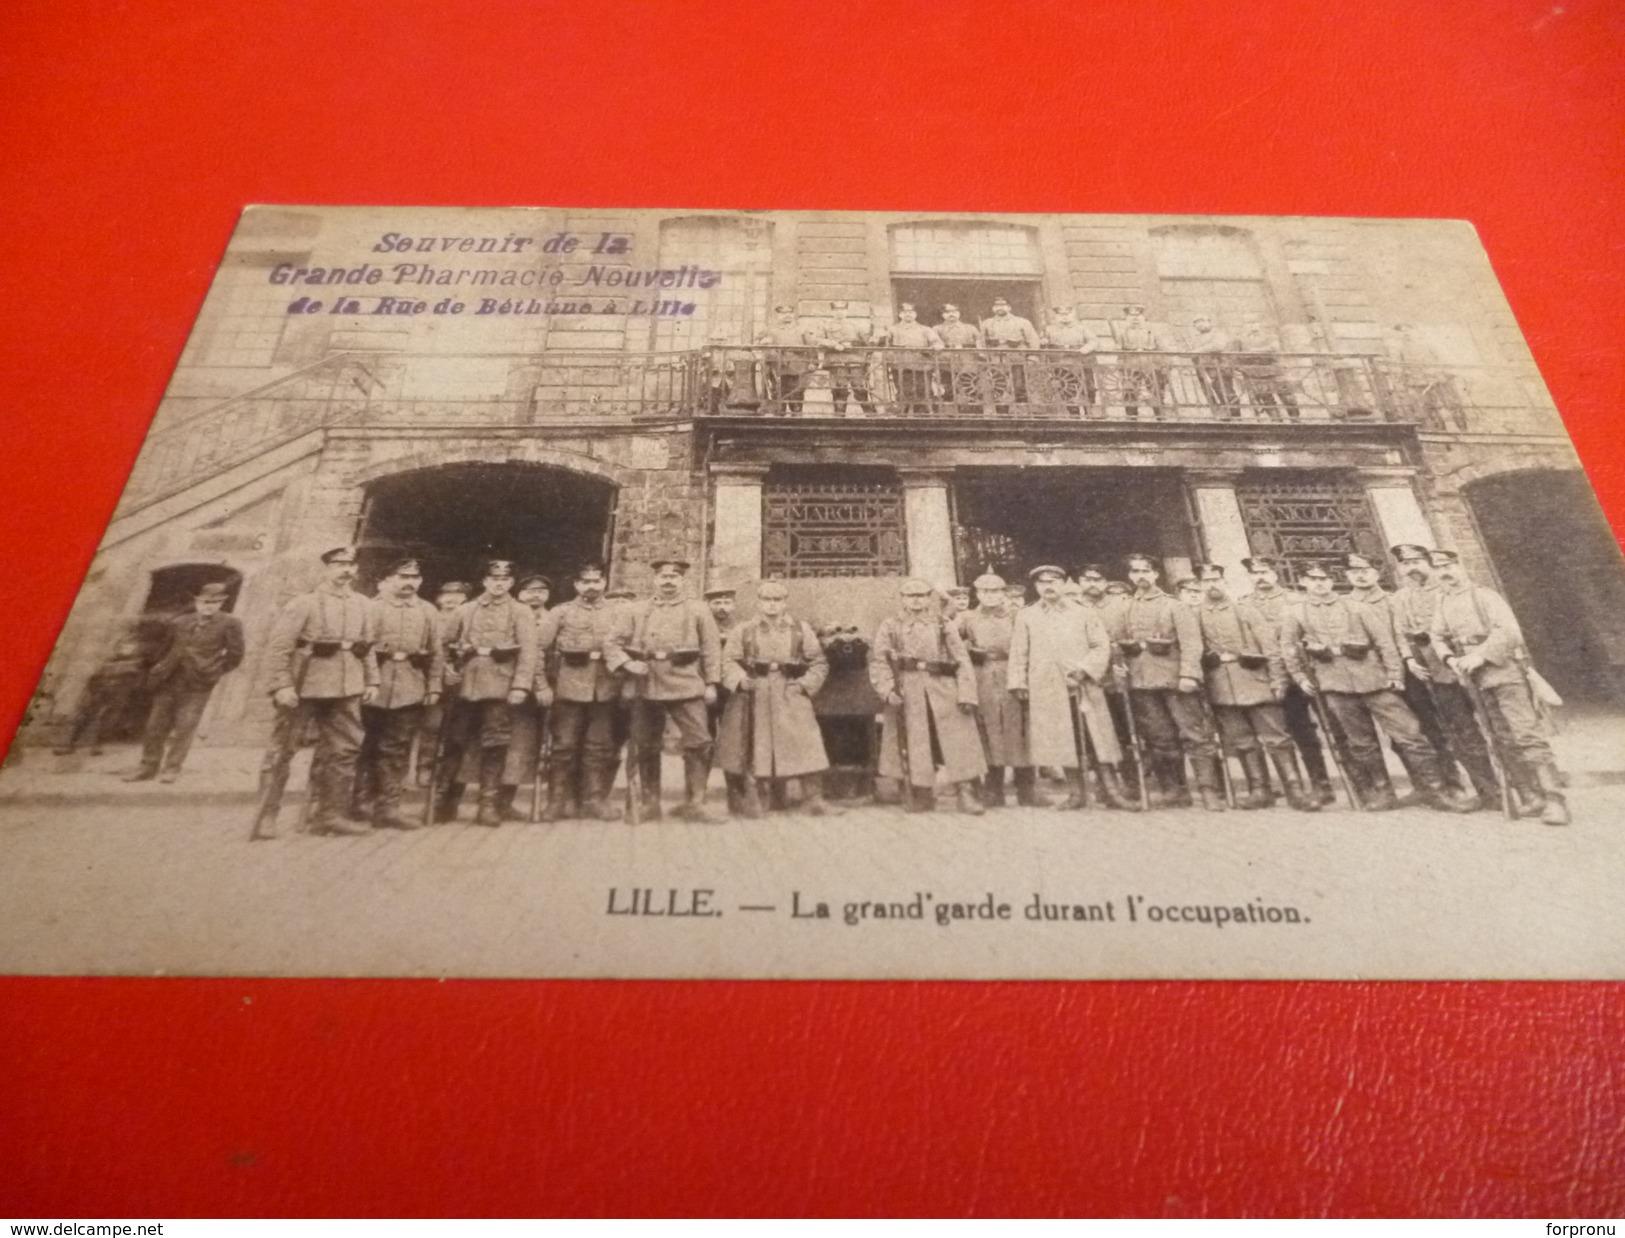 CARTE POSTALE  SOLDATS ALLEMANDS A LA GRAND PLACE A LILLE (NORD)PENDANT L'OCCUPATION 14/18 - Documents